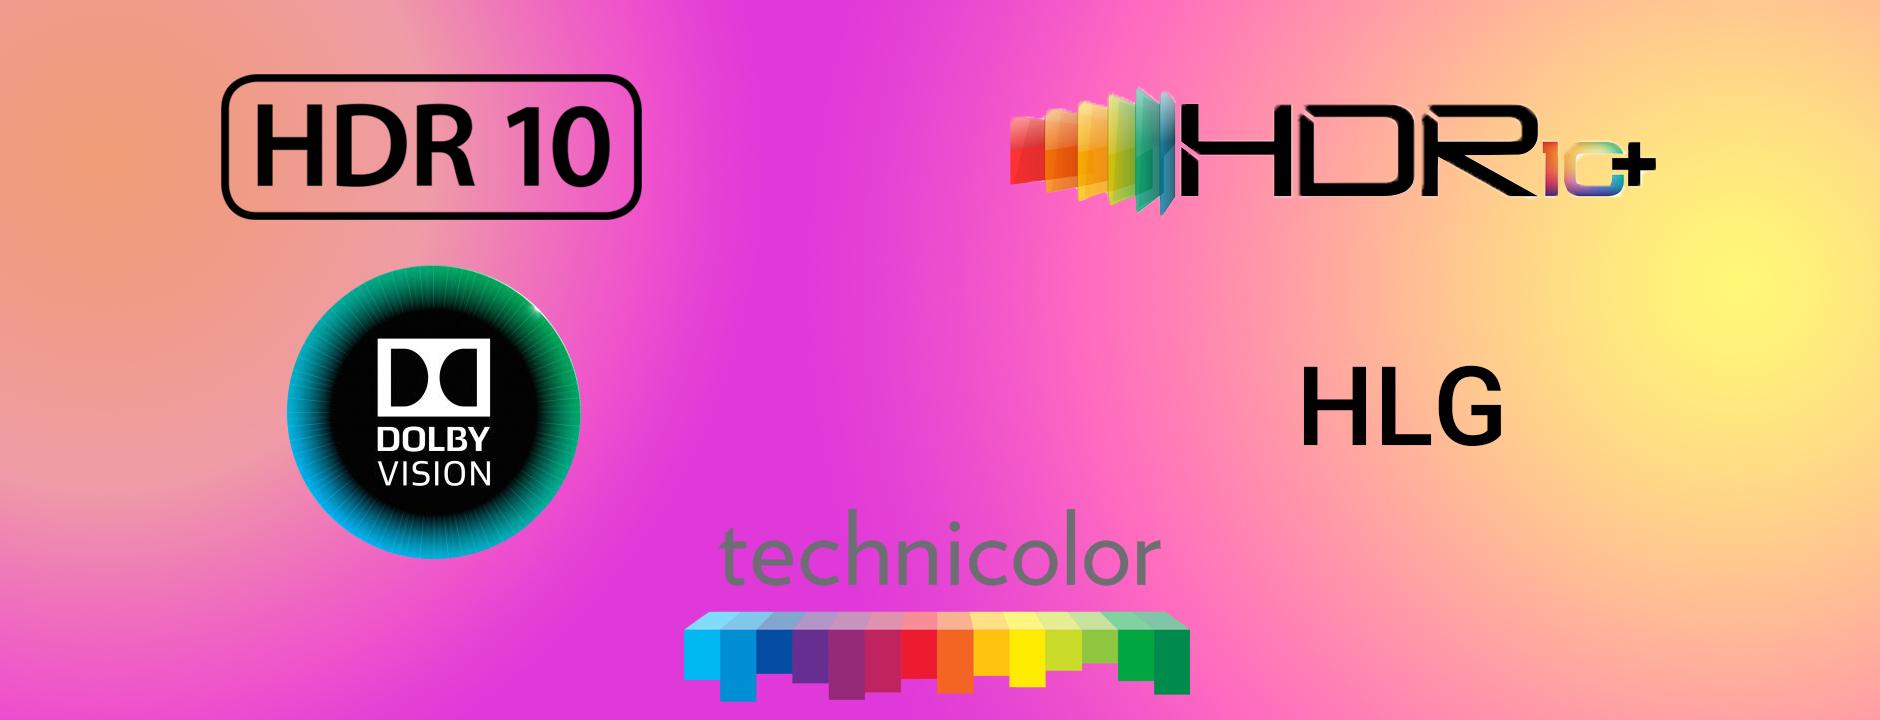 فناوری HDR چیست و چه کاربردی دارد؟